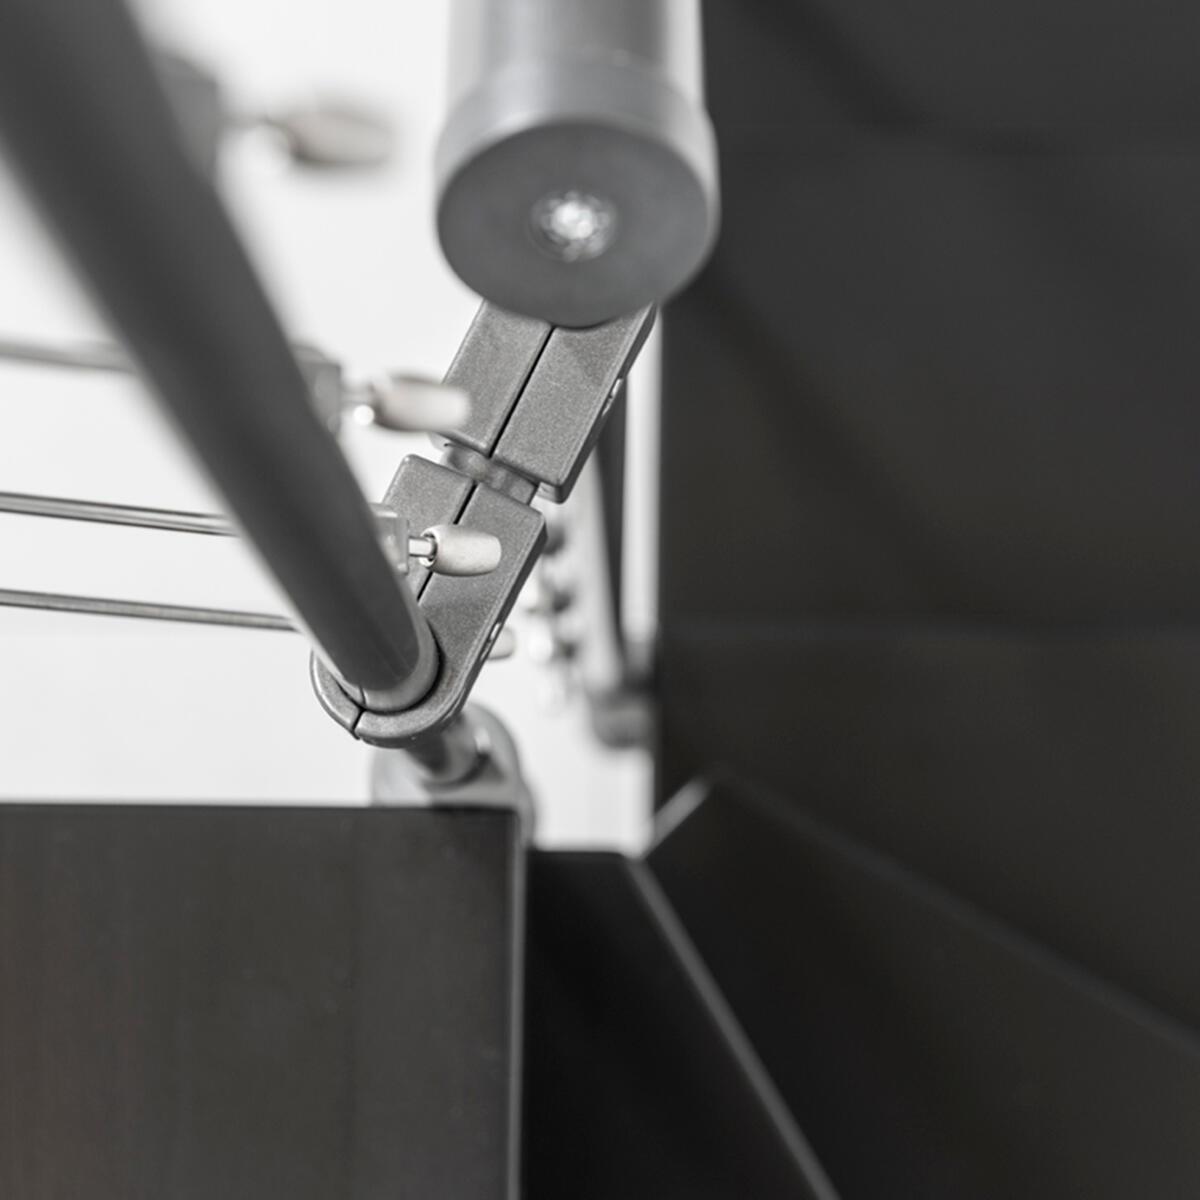 Scala a rampa 1/4 di giro Mas FONTANOT L 85 cm, gradino grigio antracite scuro, struttura antracite - 21